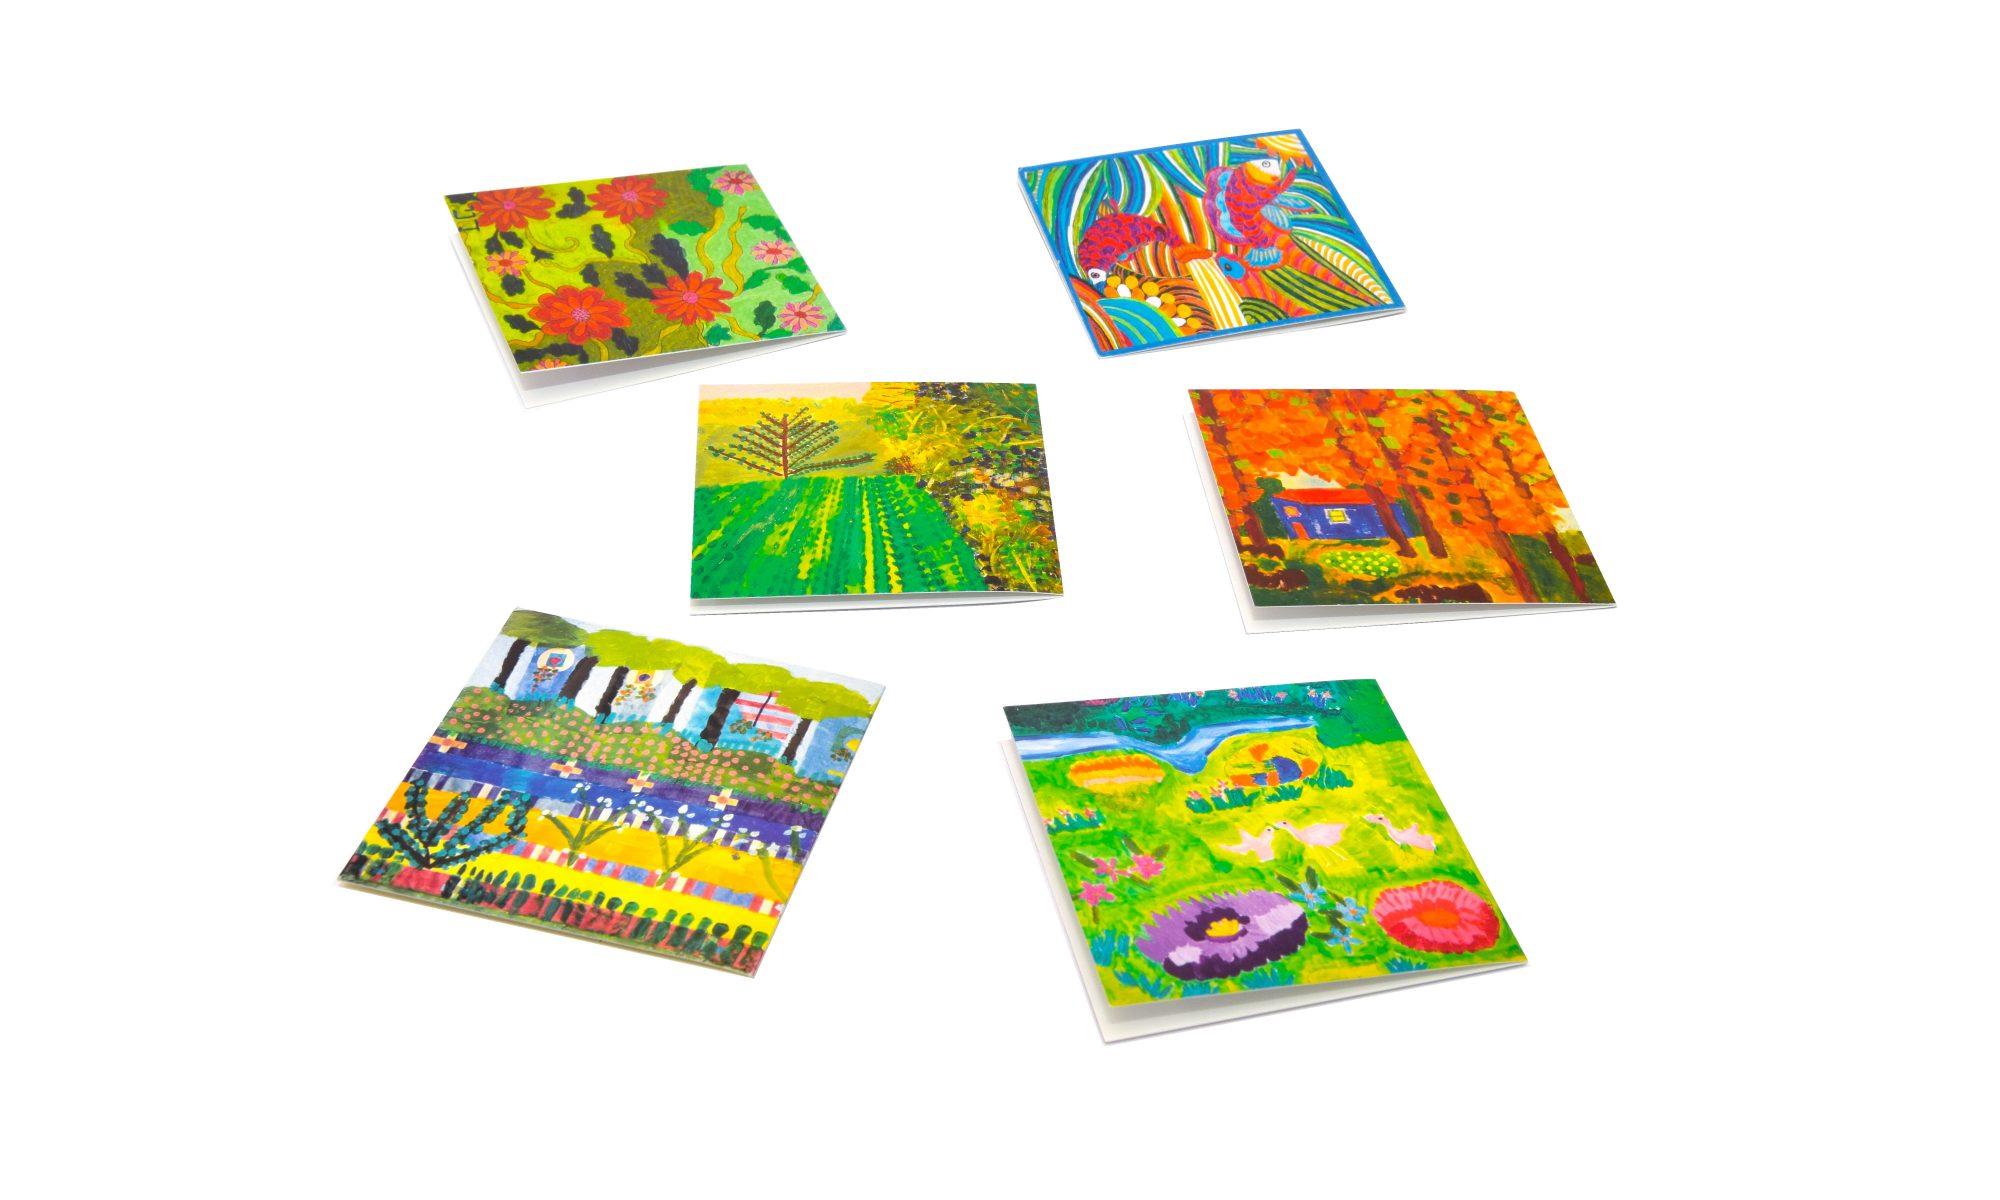 כרטיסי ברכה עם ציורים של אמנים עם אוטיזם